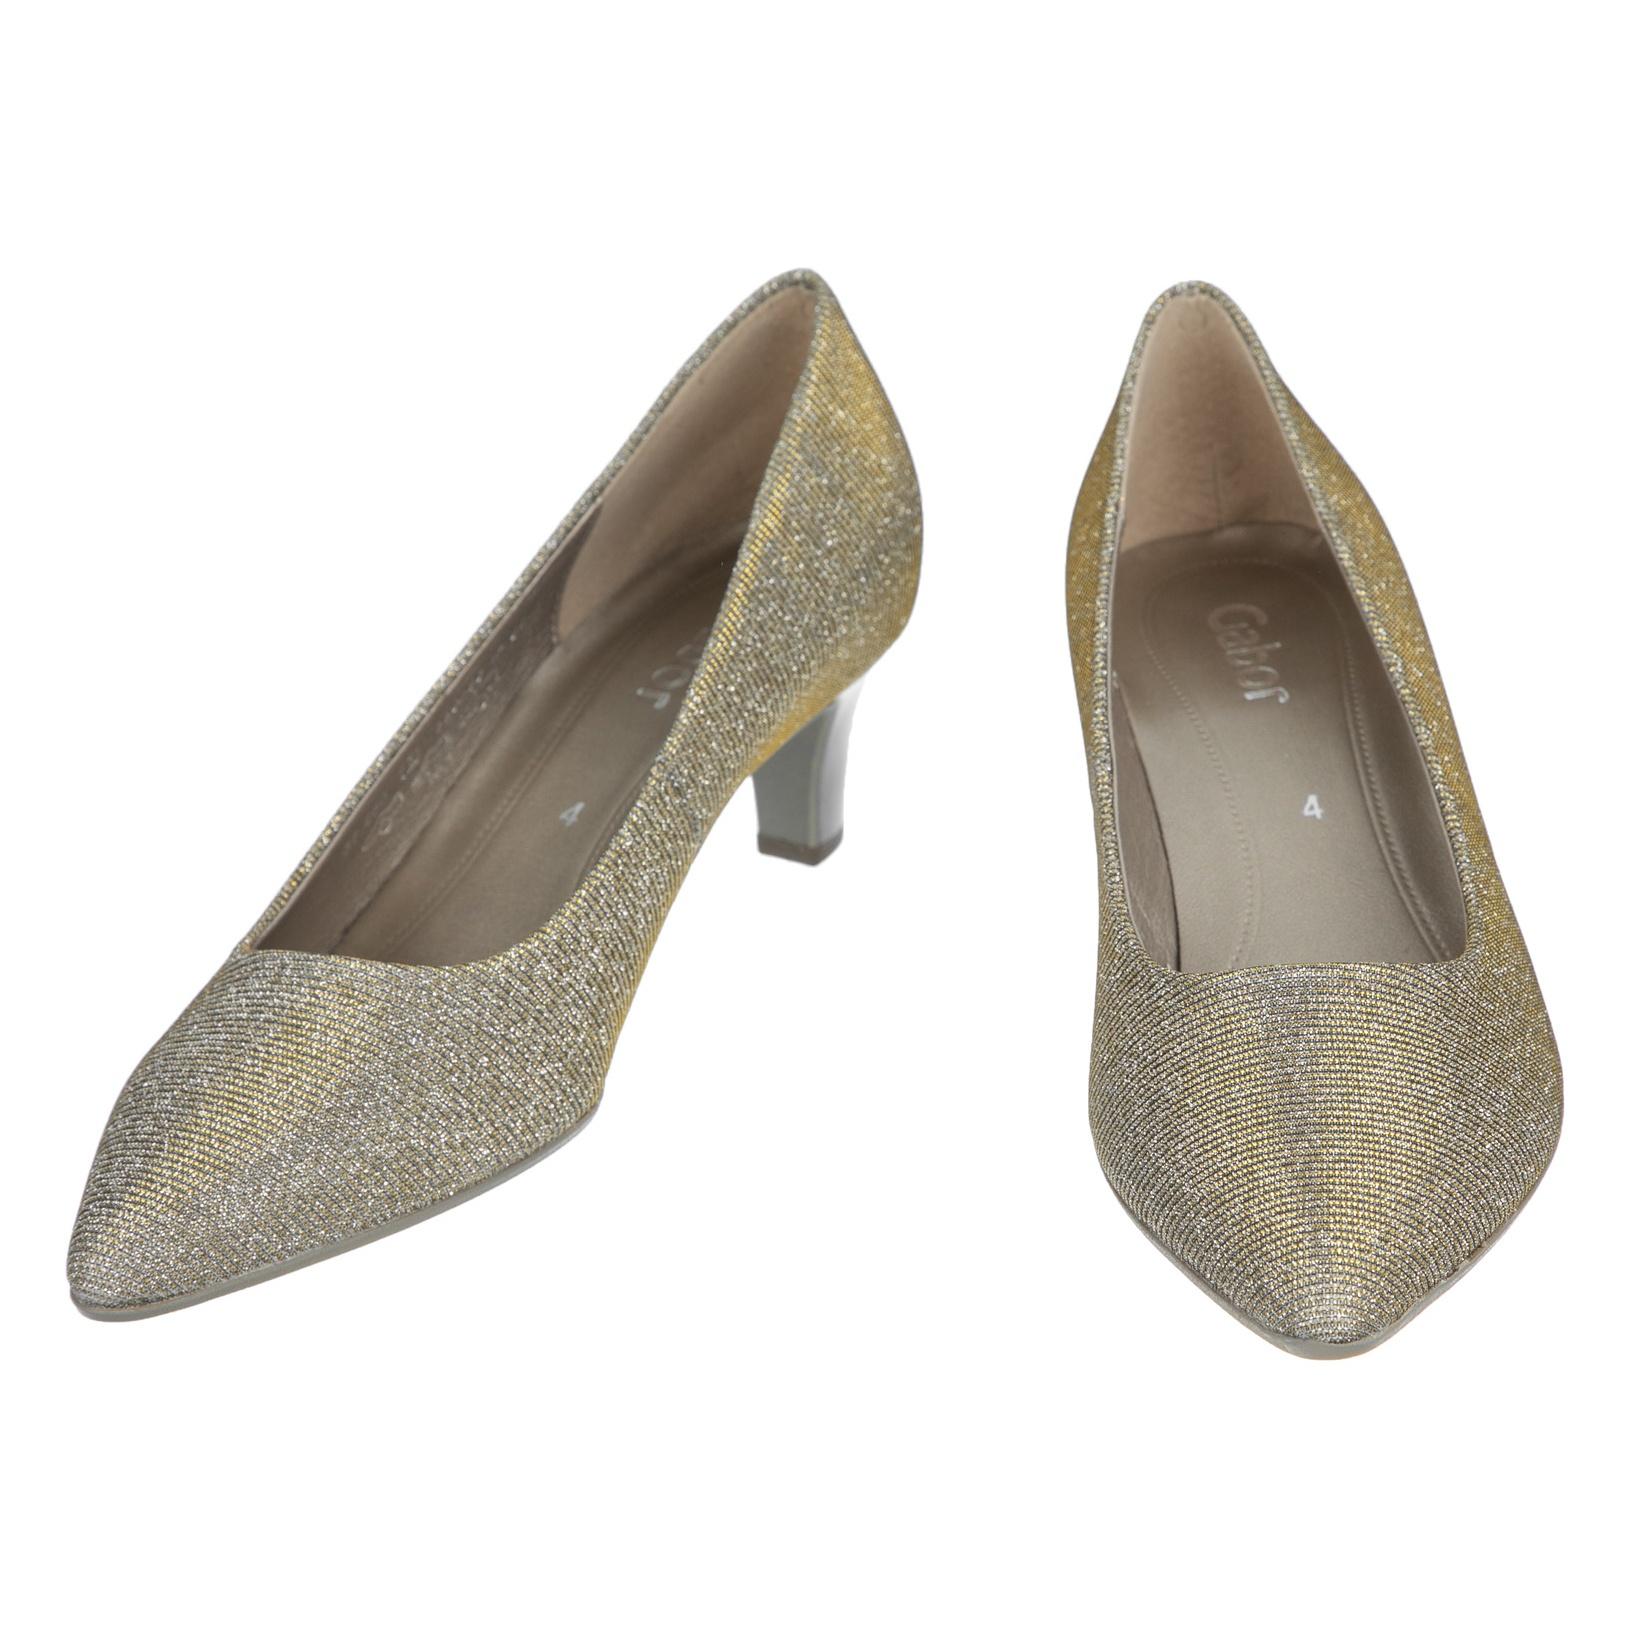 کفش زنانه گابور مدل 81.250.62 main 1 2